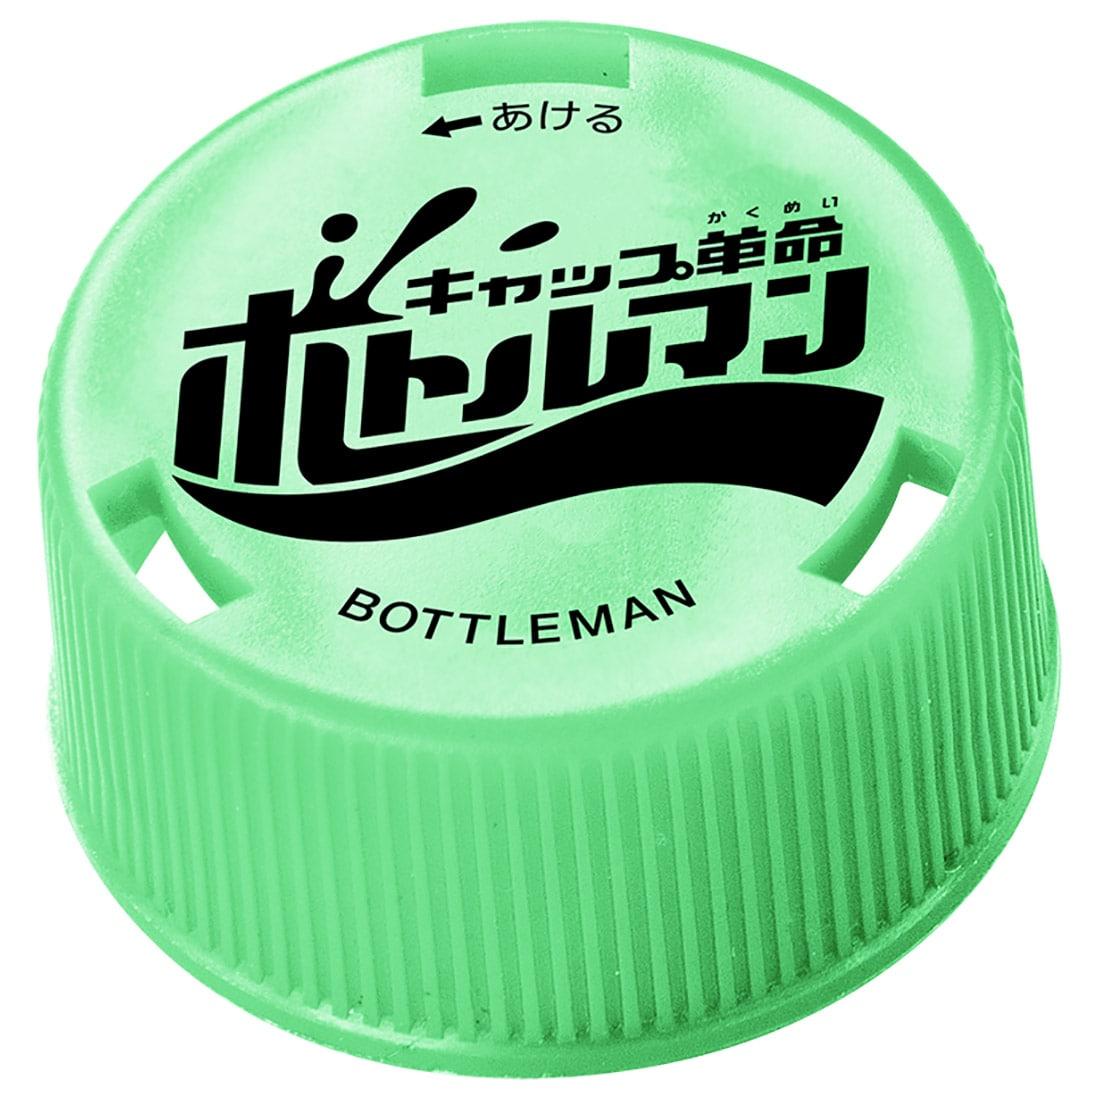 BOT-23 レーザーキャップ 「キャップ革命ボトルマン」